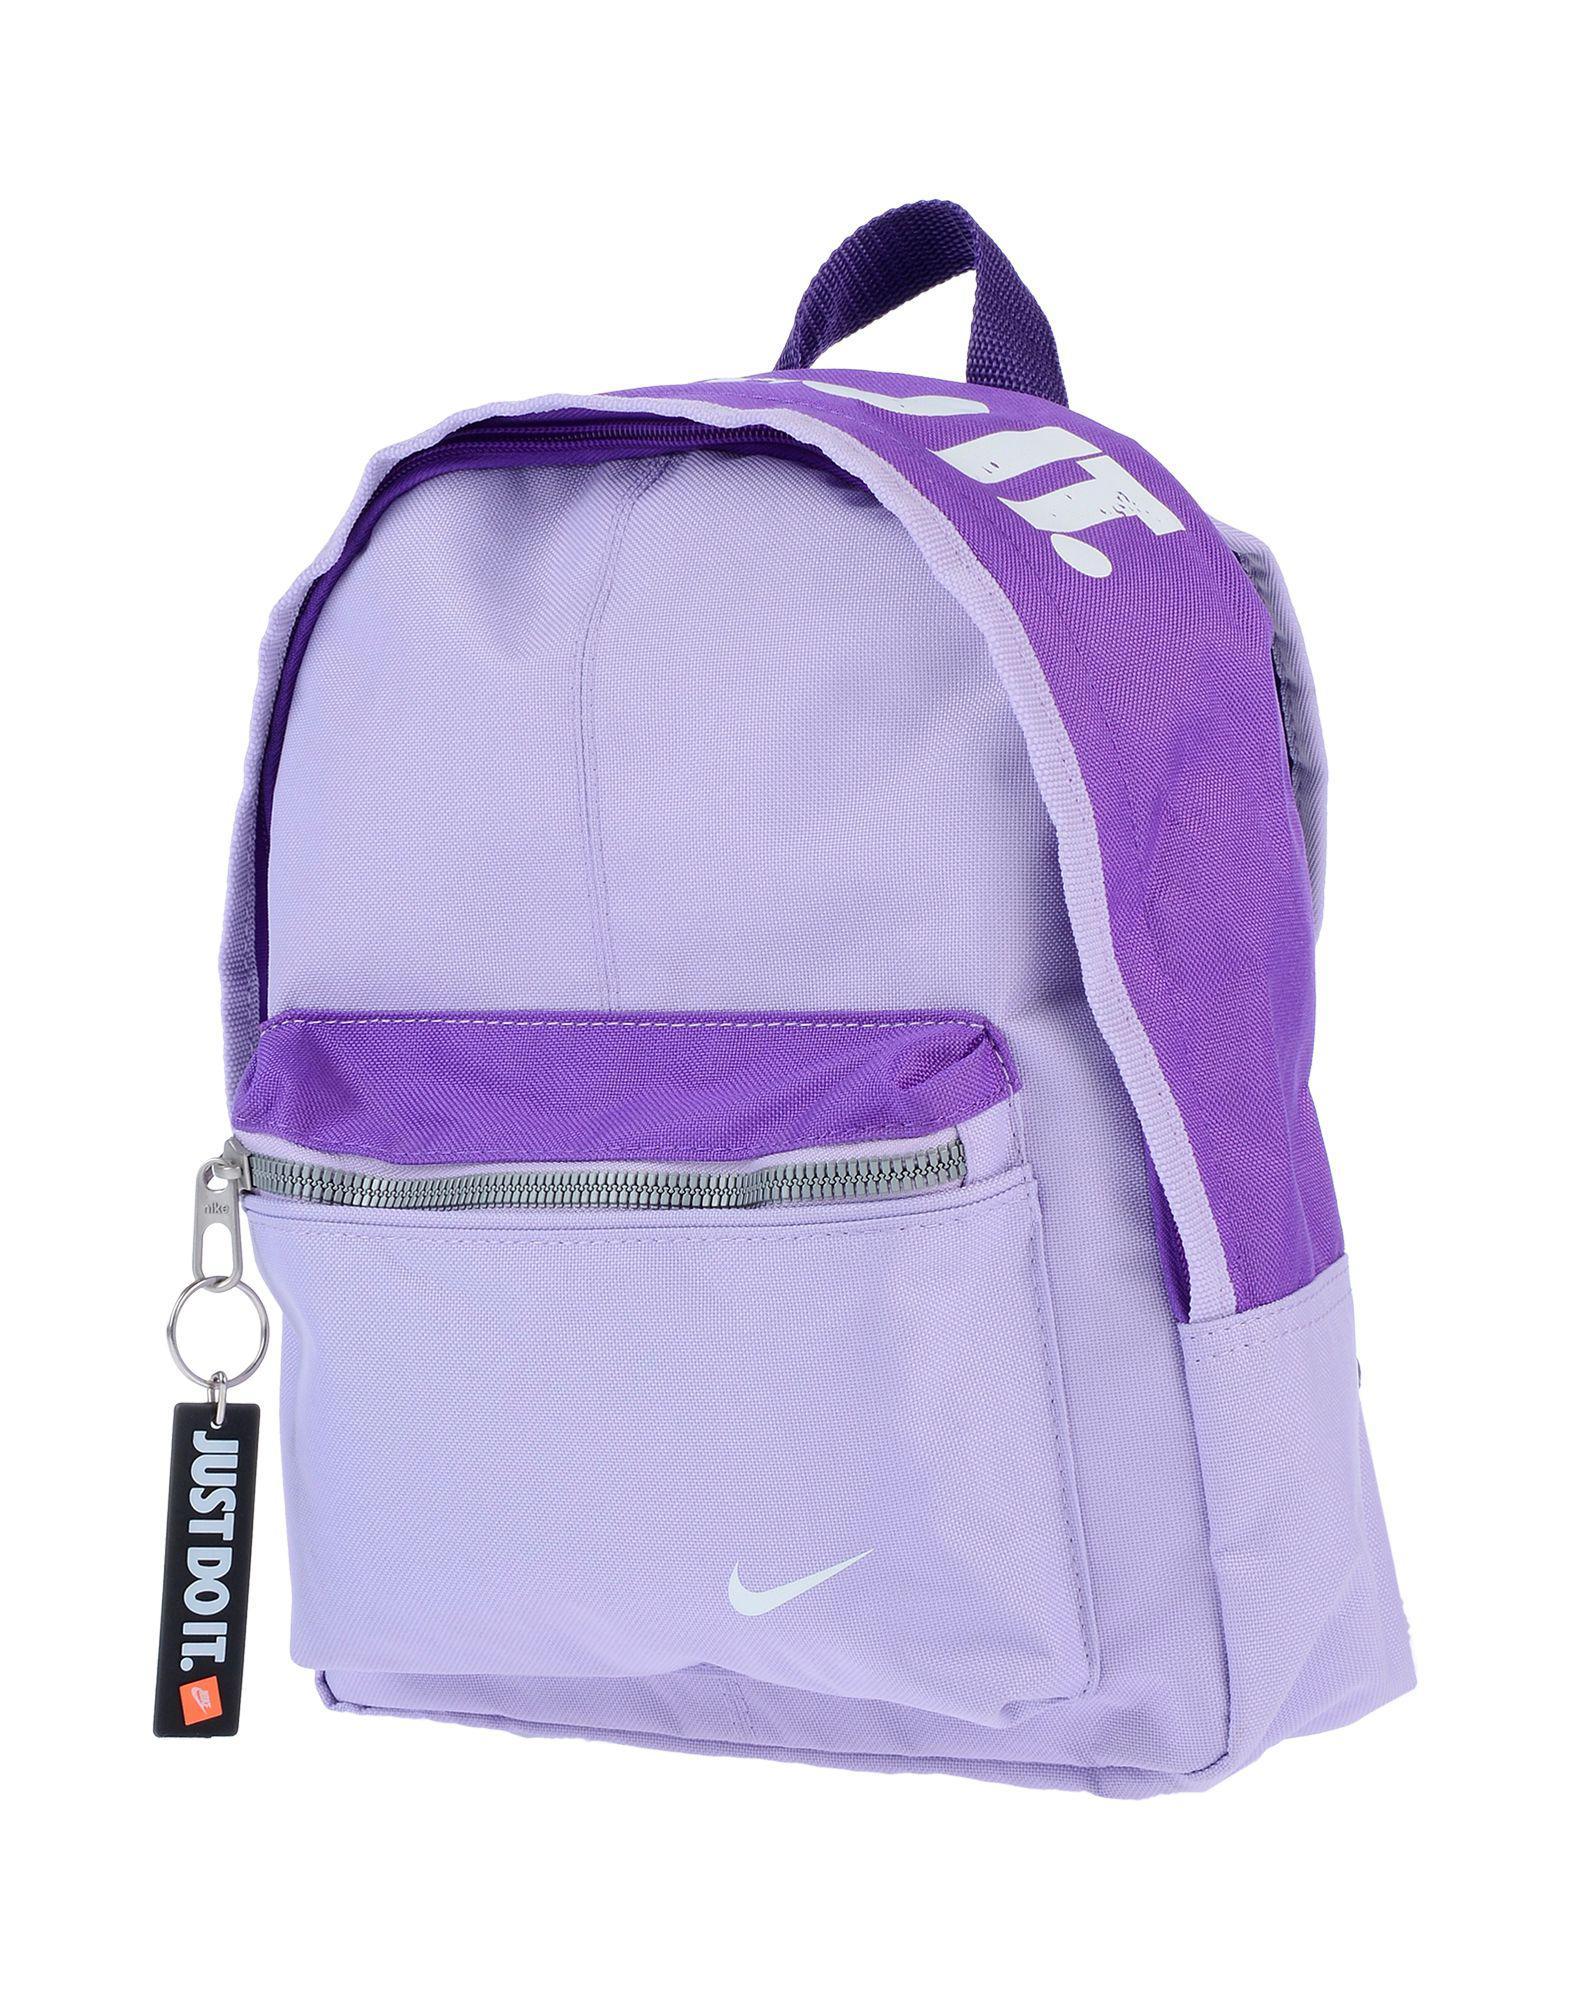 ef1eb48fe1 Sacs à dos et bananes Nike en coloris Violet - Lyst